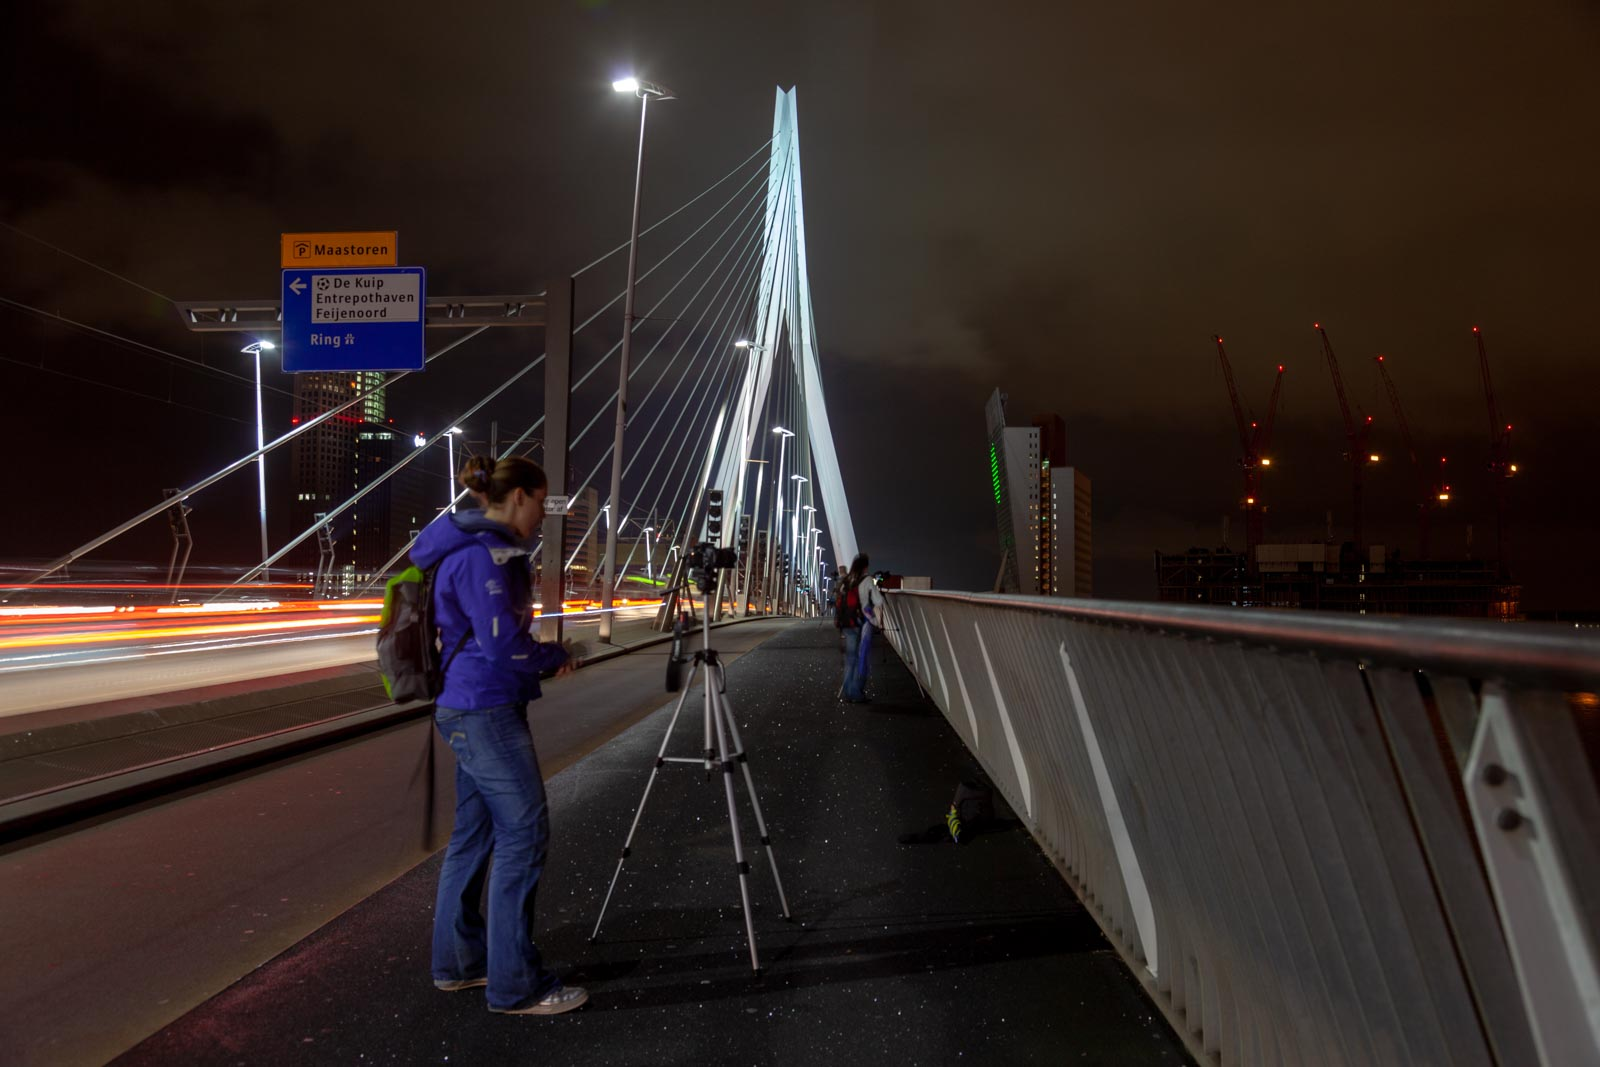 Cursist aan het fotograferen op de Erasmusbrug in Rotterdam